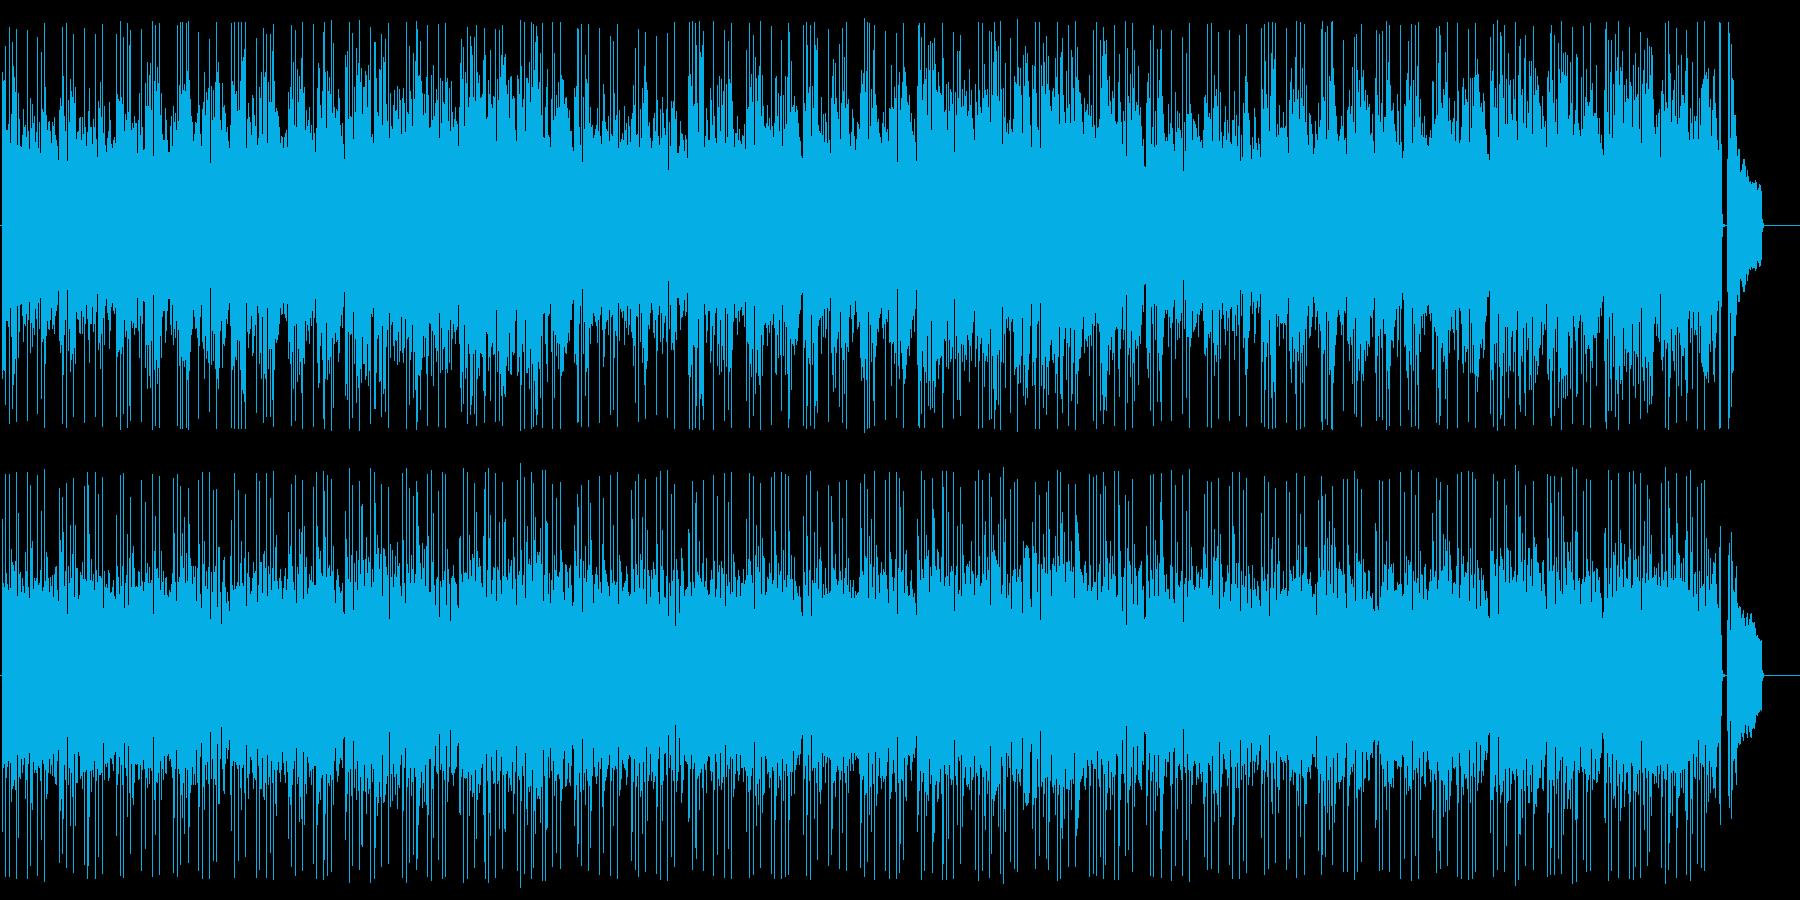 ゆったりとした日常感のあるポップスの再生済みの波形